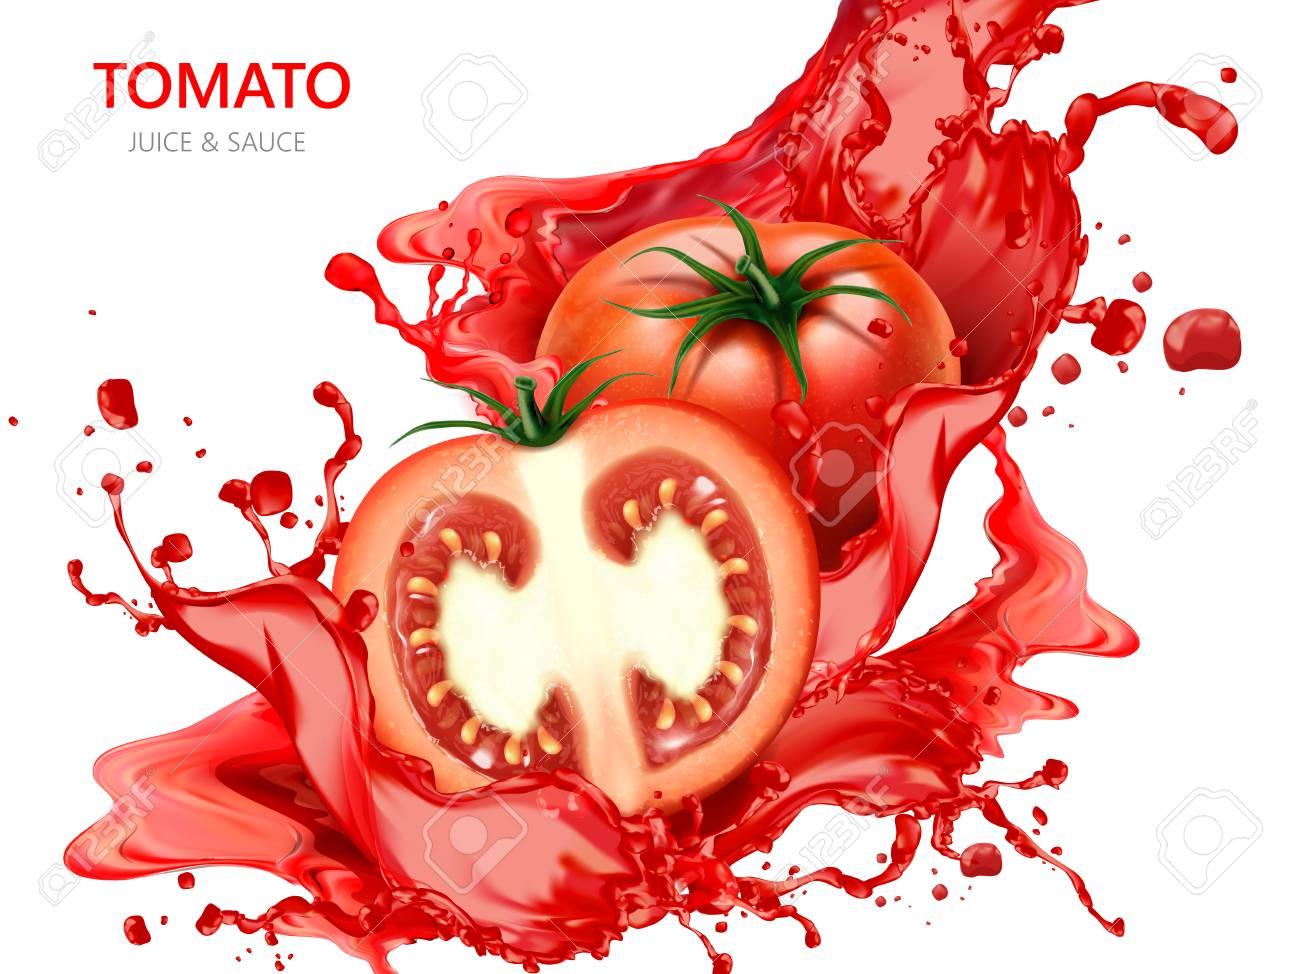 Fresh tomato with juice illustration - 88883097